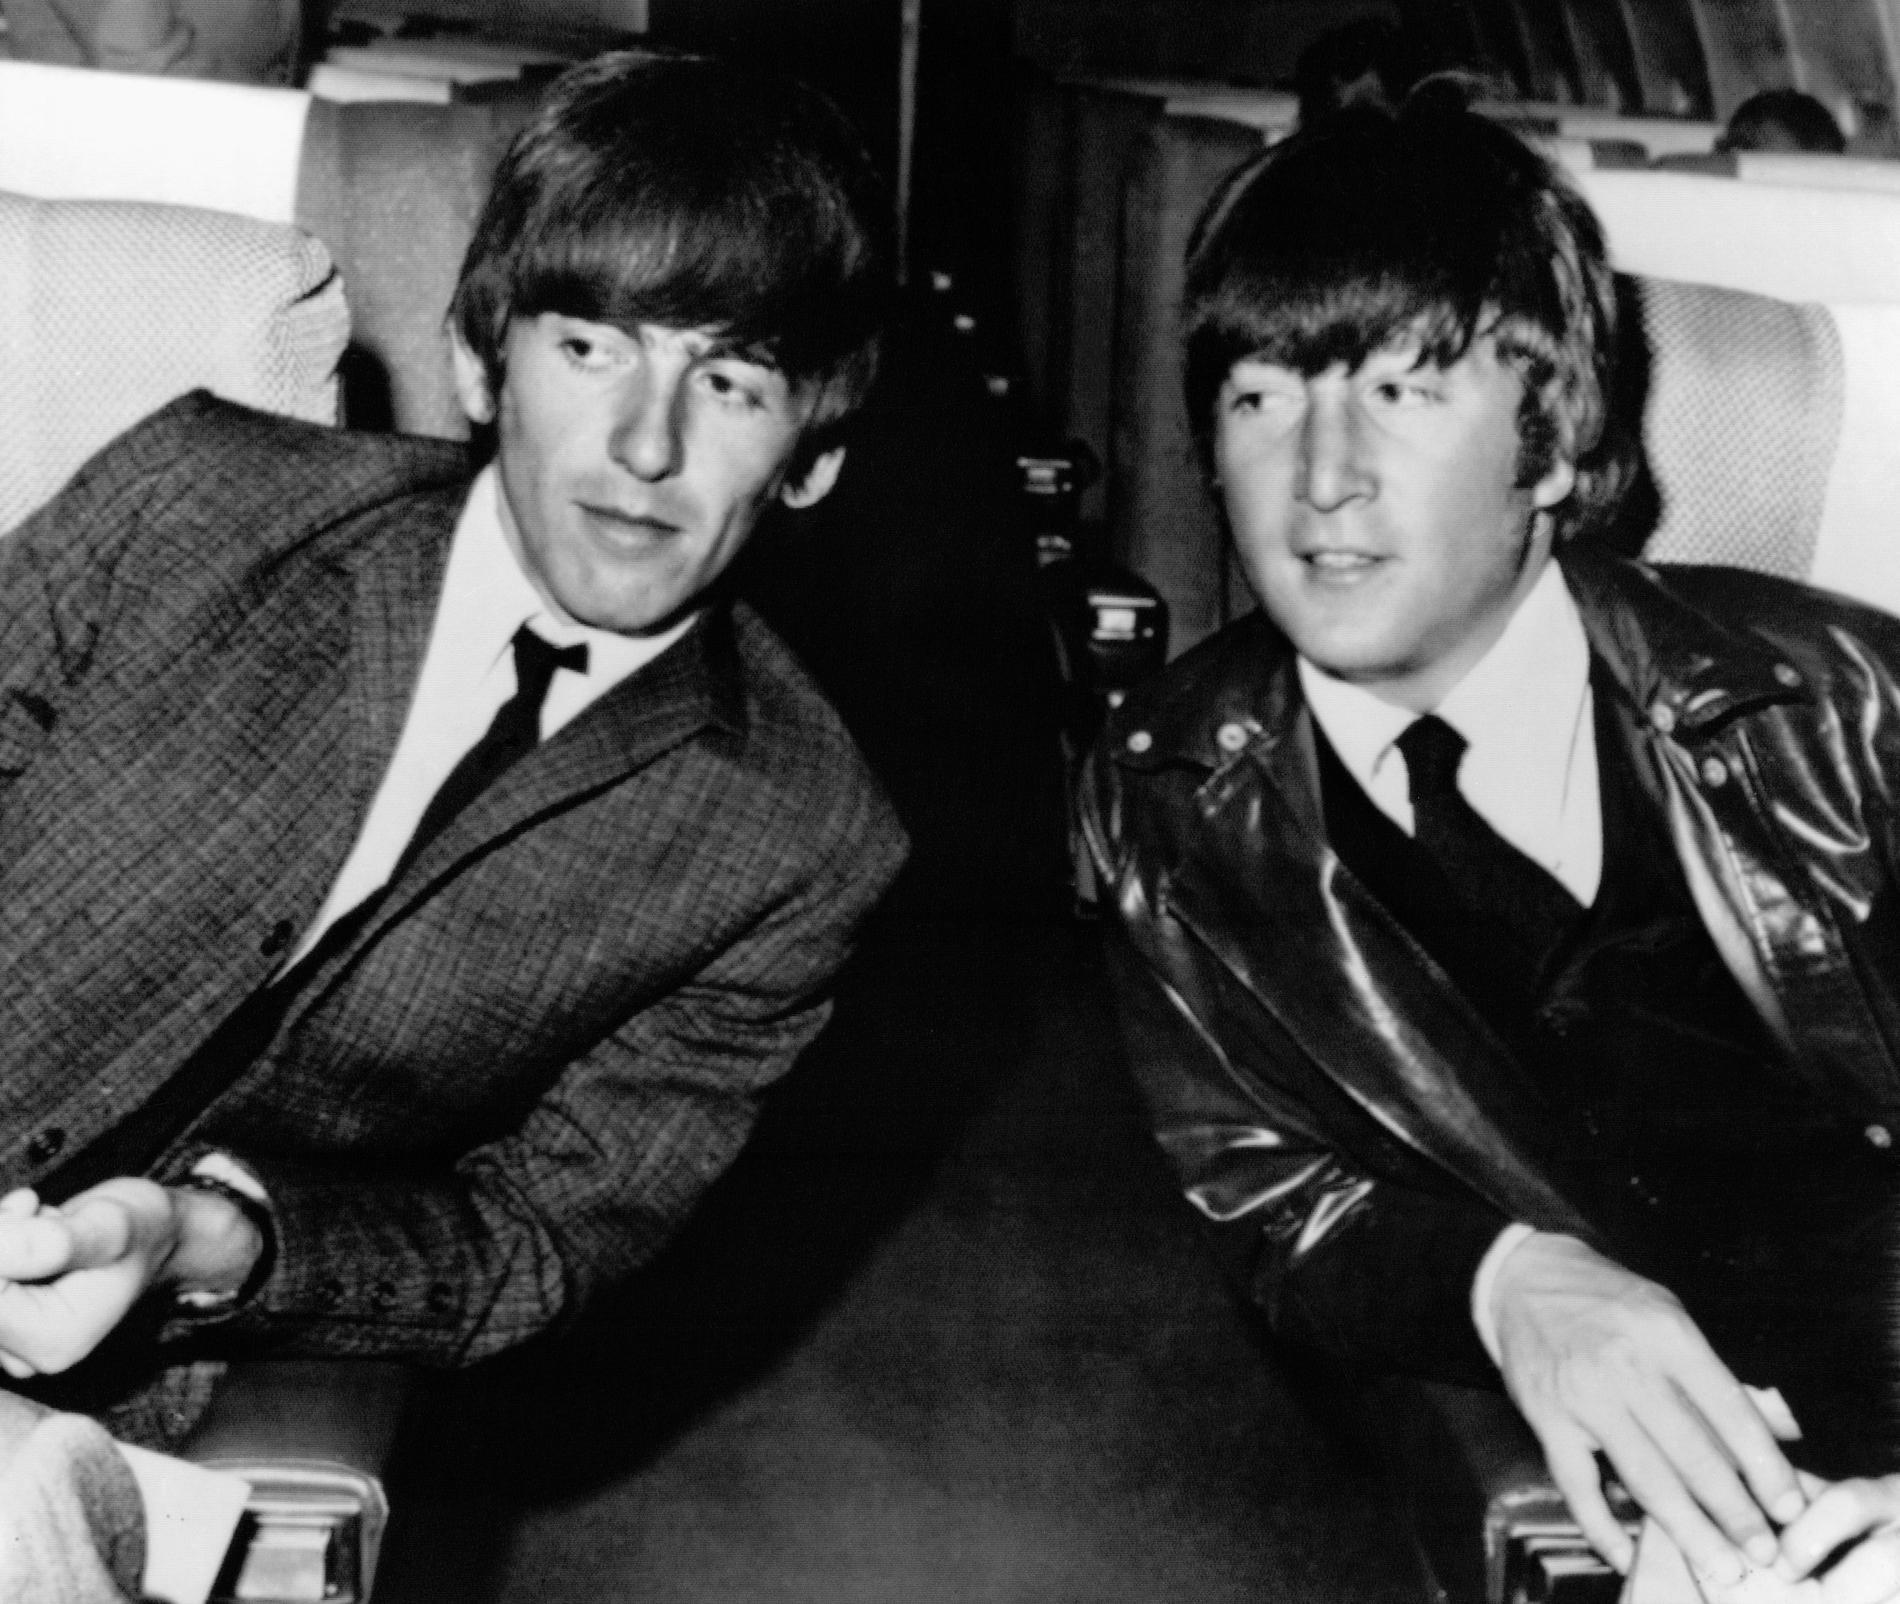 George Harrison och John Lennon från The Beatles, här fotograferade 1964. Arkivbild.